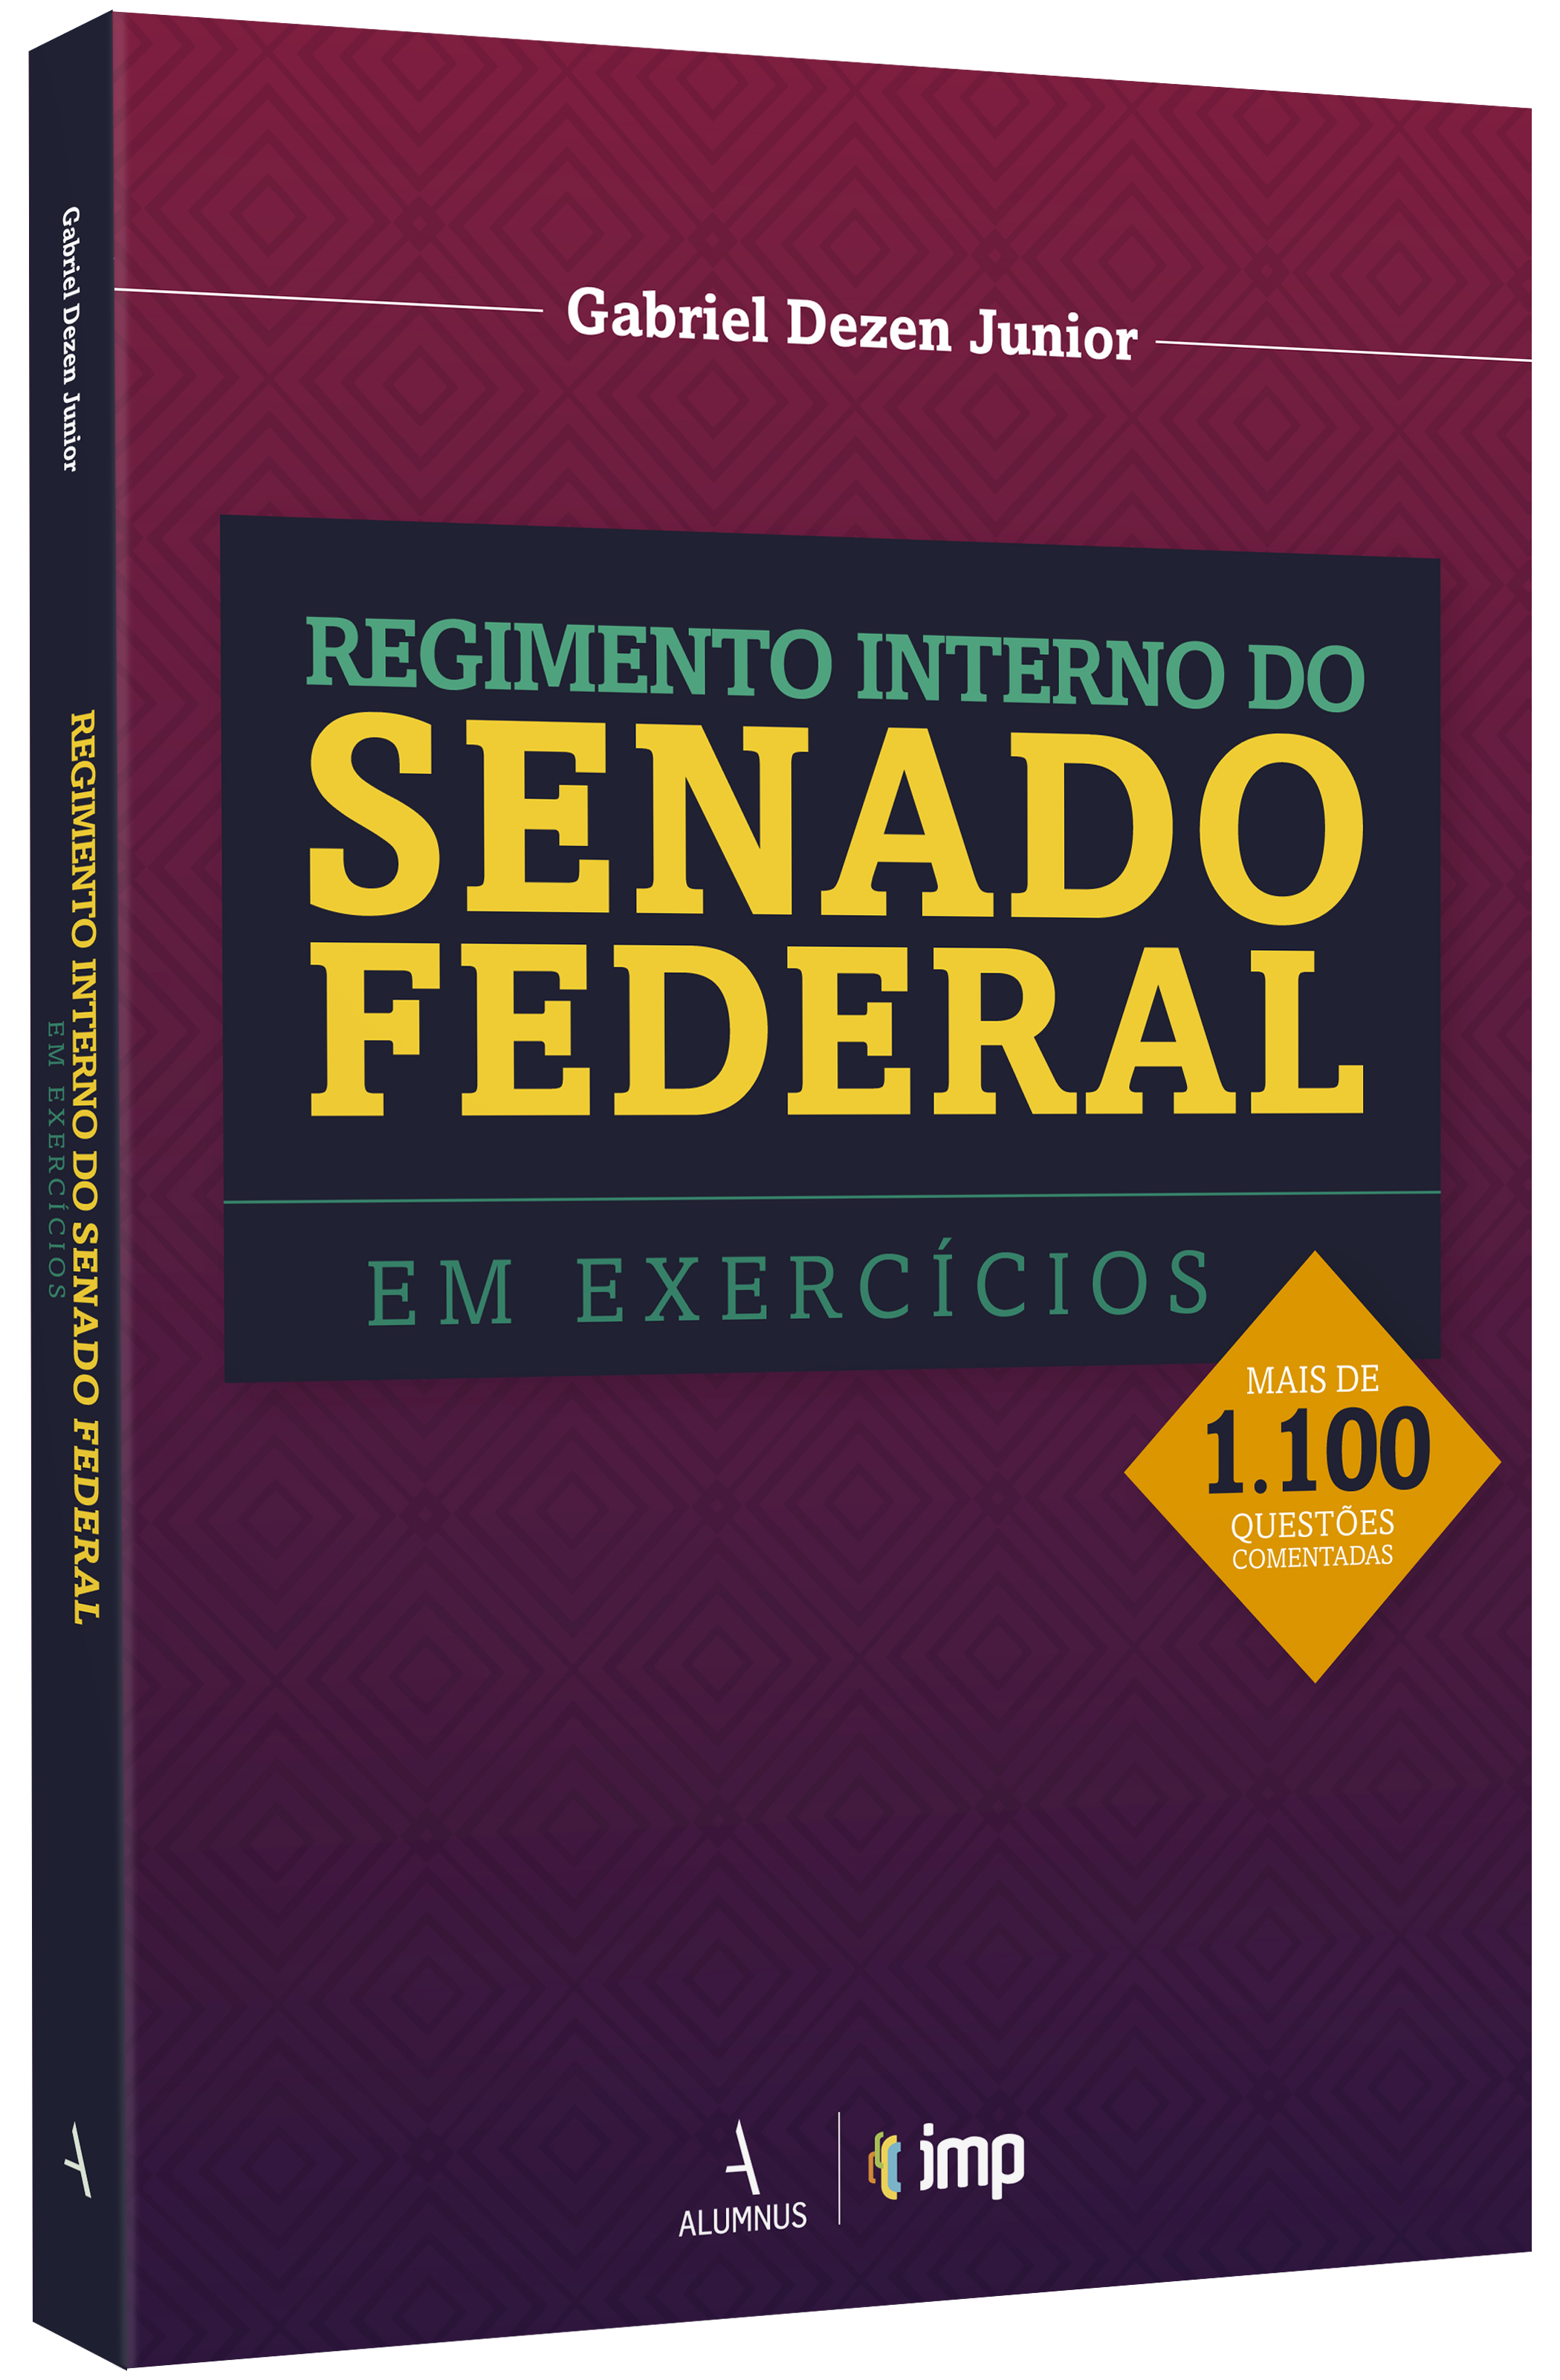 Regimento Interno do Senado Federal em Exercícios – Gabriel Dezen Junior